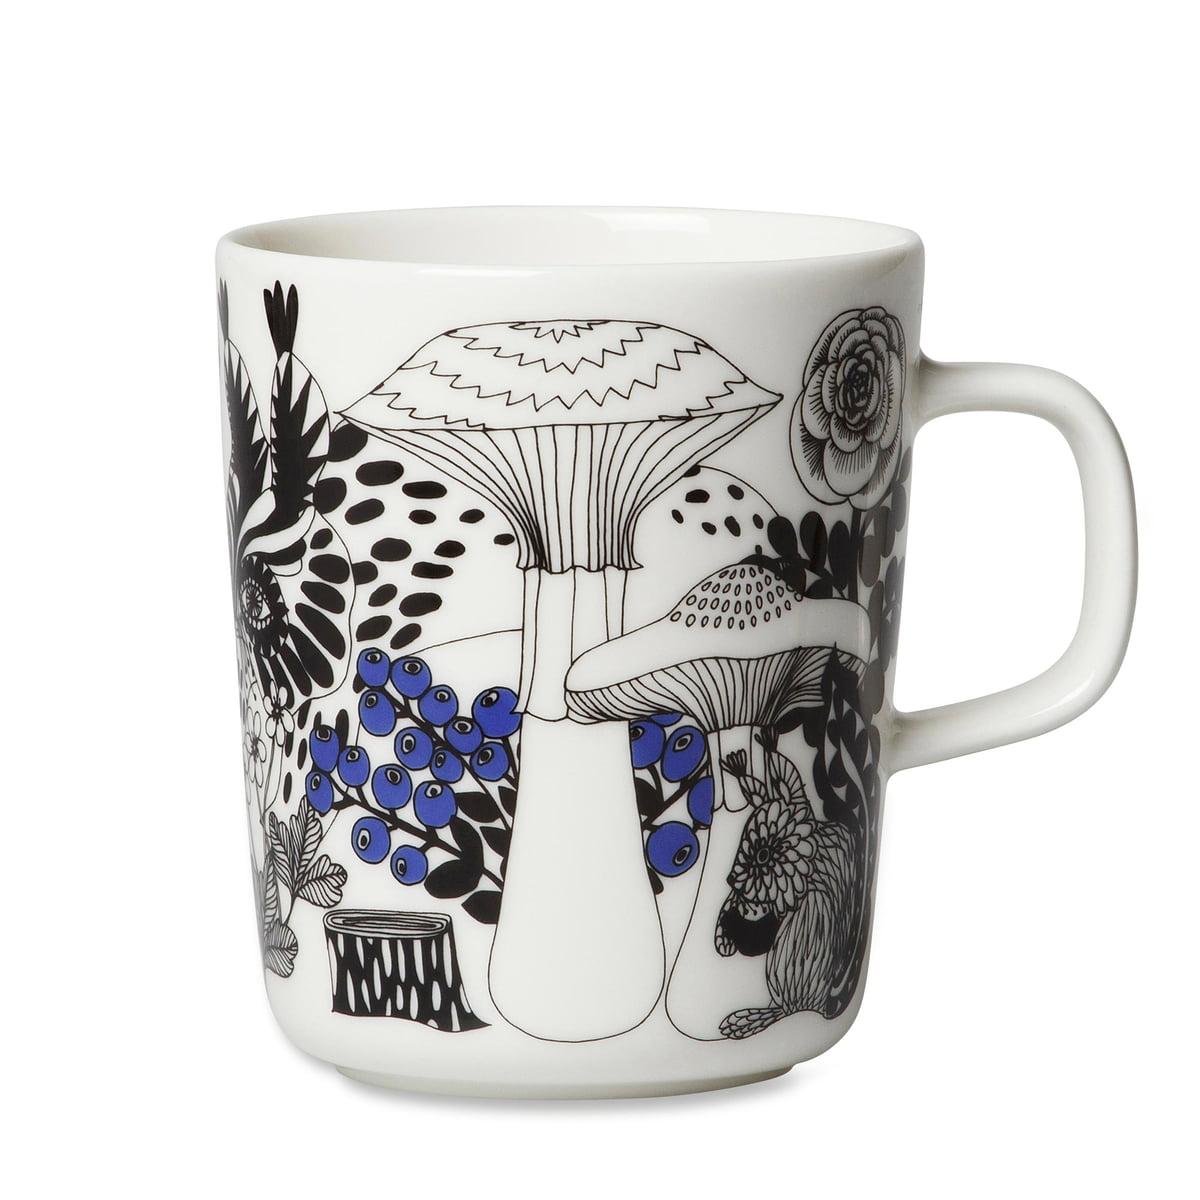 The Marimekko - Oiva Veljekset mug with handle 250 ml in white / black /  sc 1 st  Connox & Veljekset Mug with Handle - Marimekko